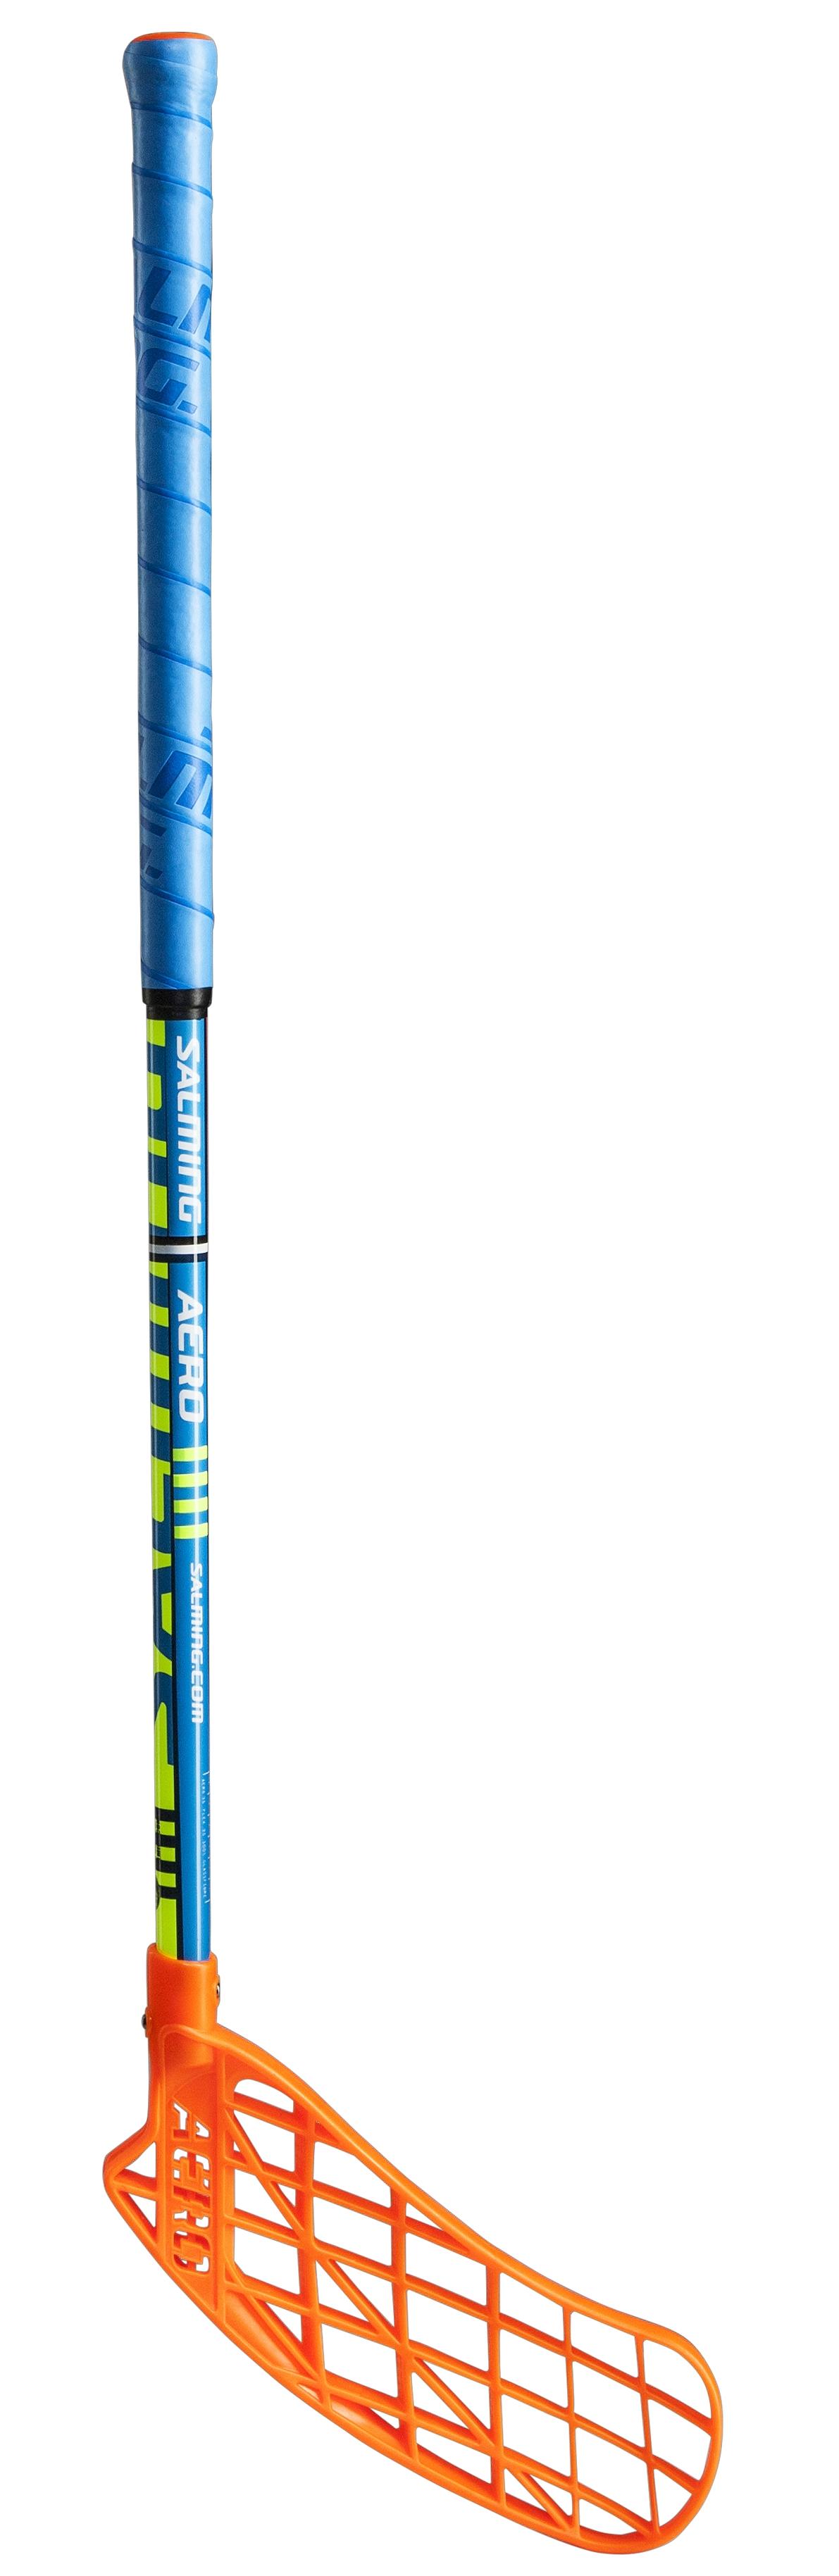 Image of   Salming Aero Kid Stick Junior Right - 77/88 cm